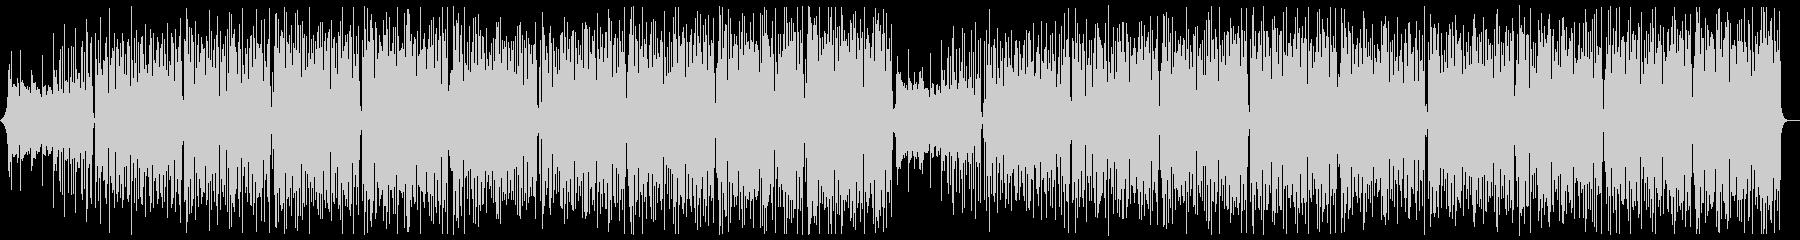 ダークパワーロックオーケストラx2の未再生の波形